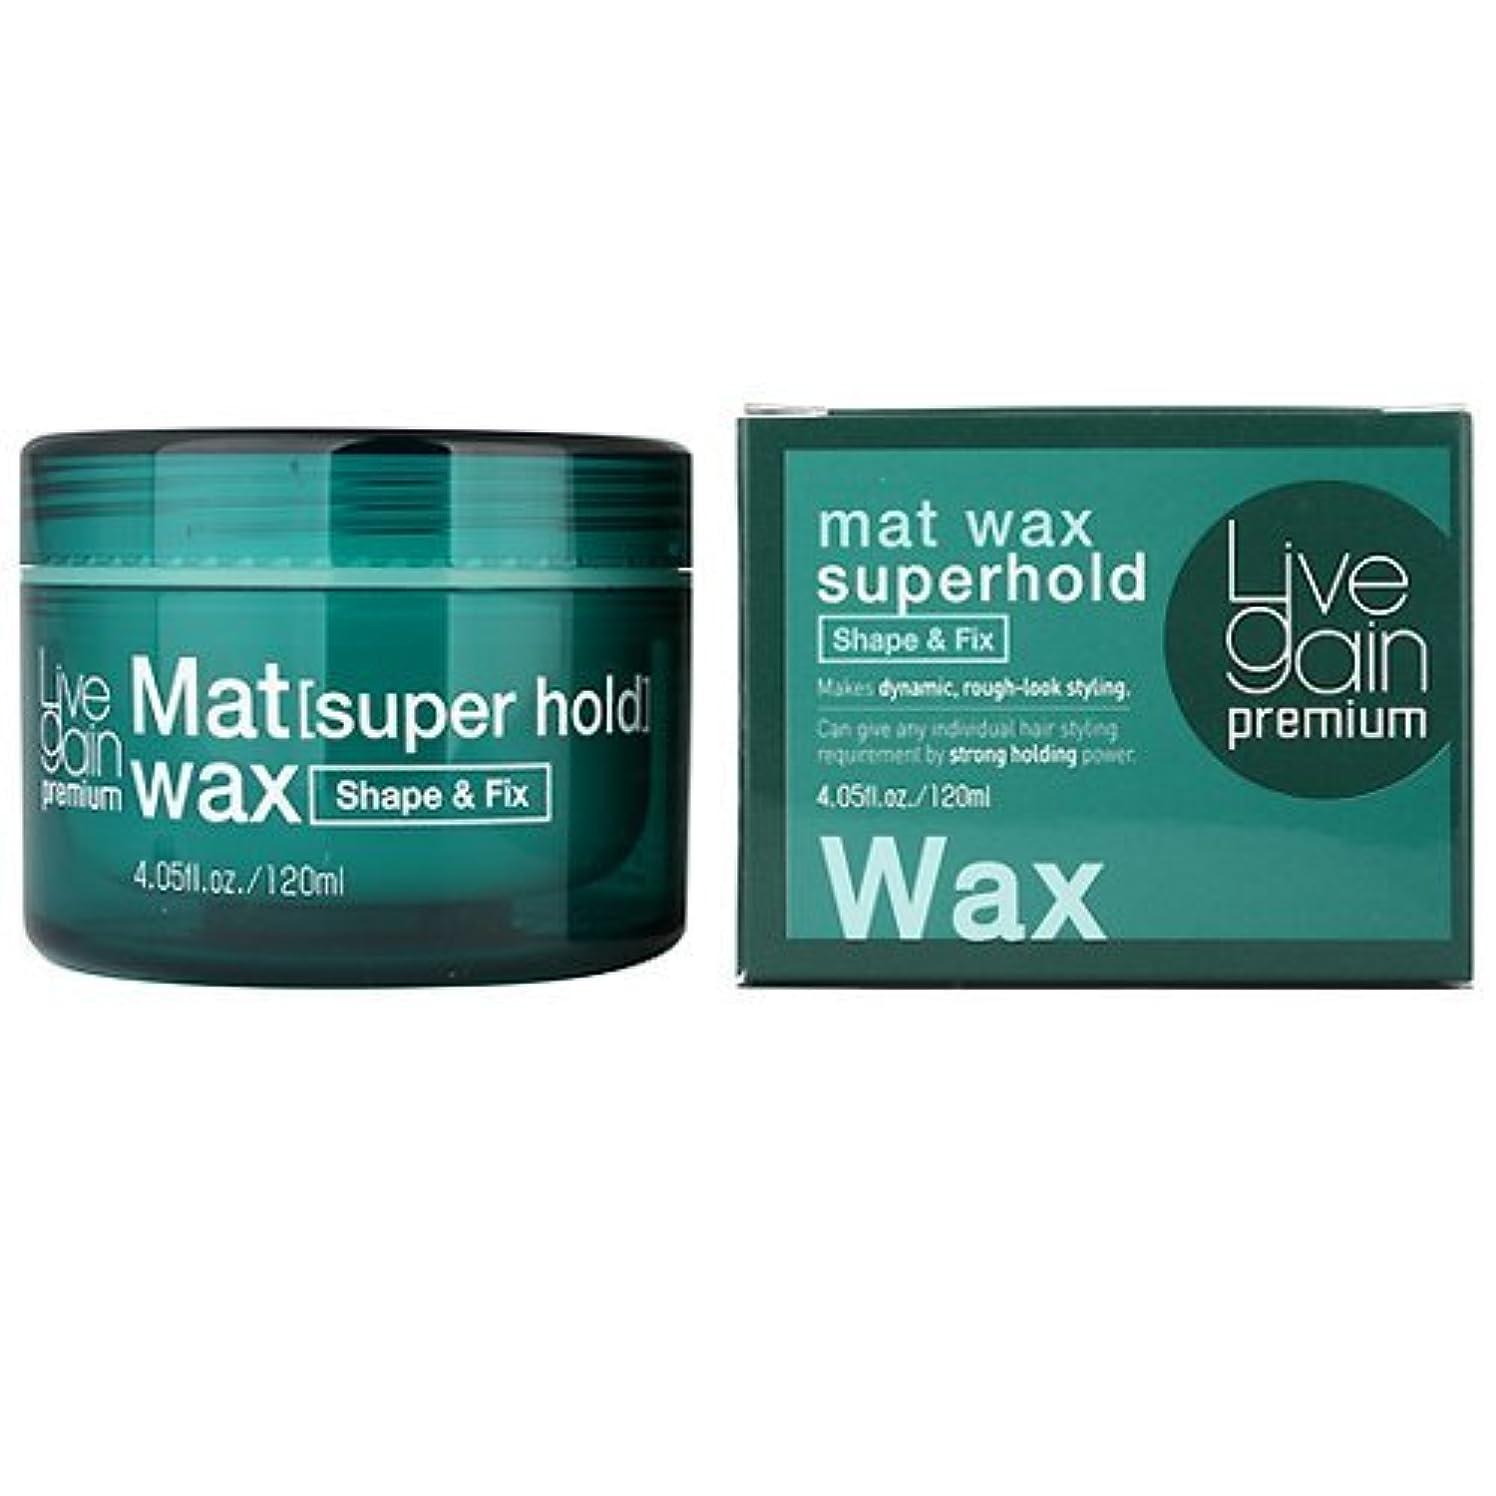 バー北極圏我慢するLivegain プレミアム マット ワックス スーパーホールド 120ml マット ヘア ワックス ストロング ホールド (Premium Mat Wax Superhold 120ml Matte Hair wax Strong Hold ) [並行輸入品]